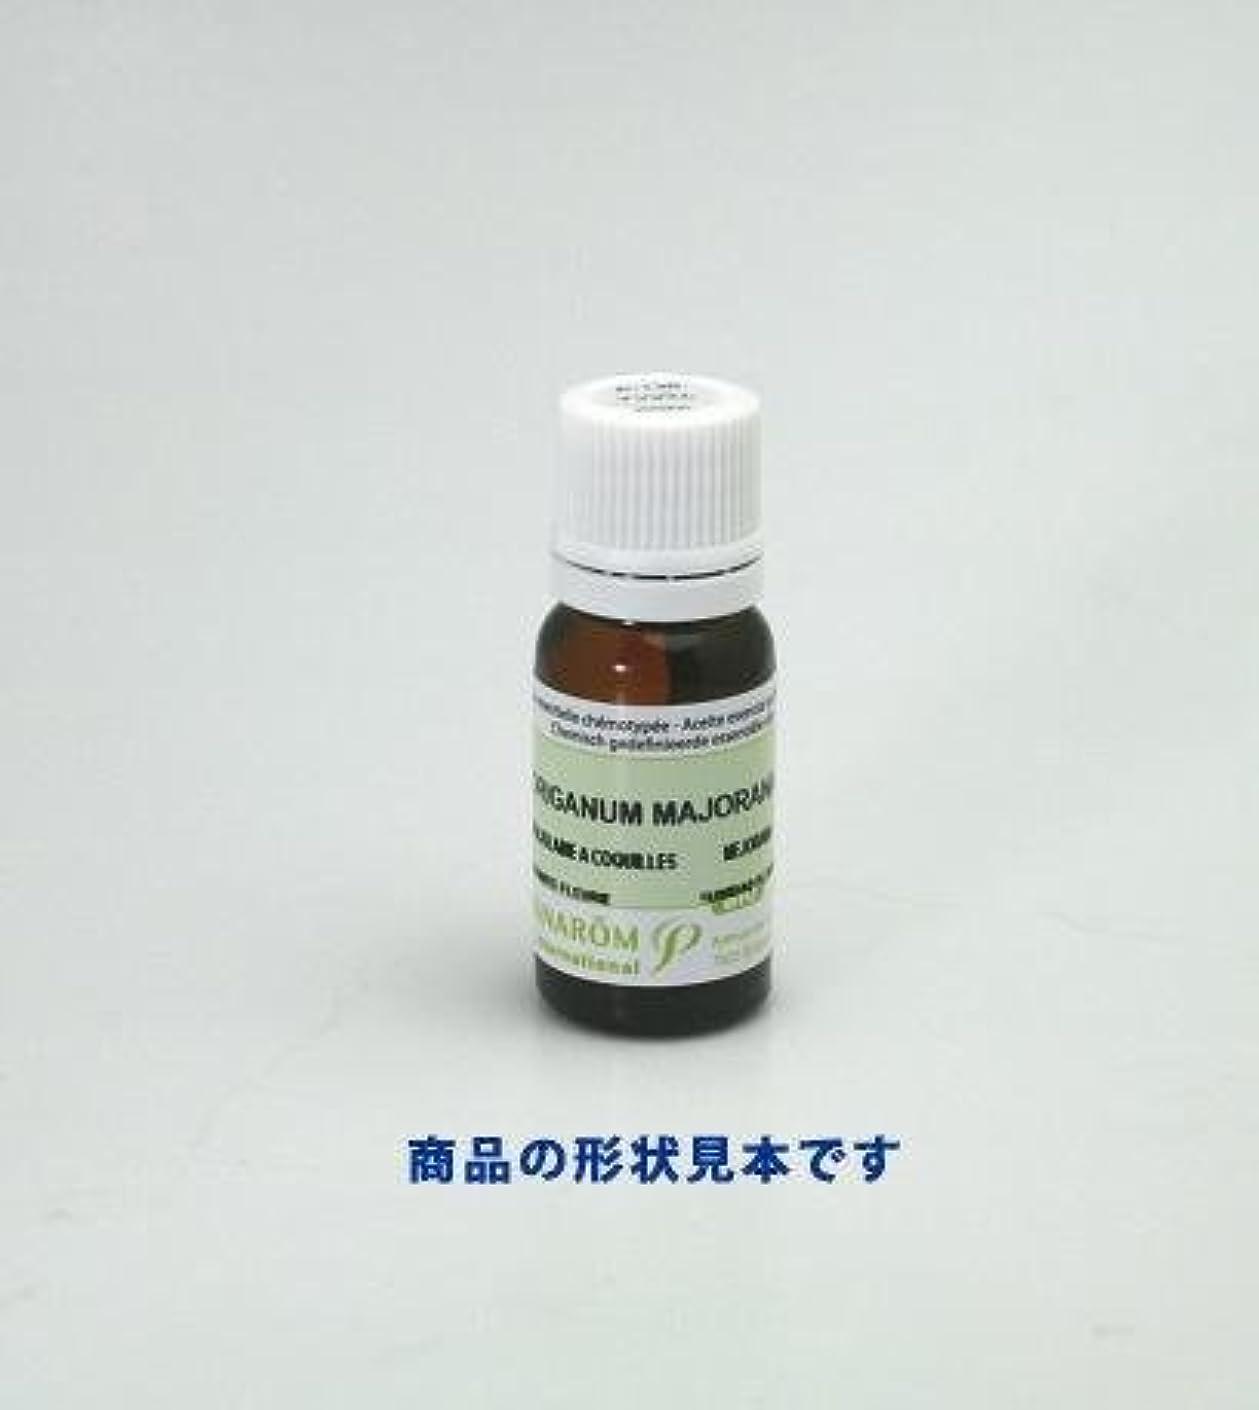 恐れる半径ランダムプラナロム精油 レモンバーベナ(P-106)